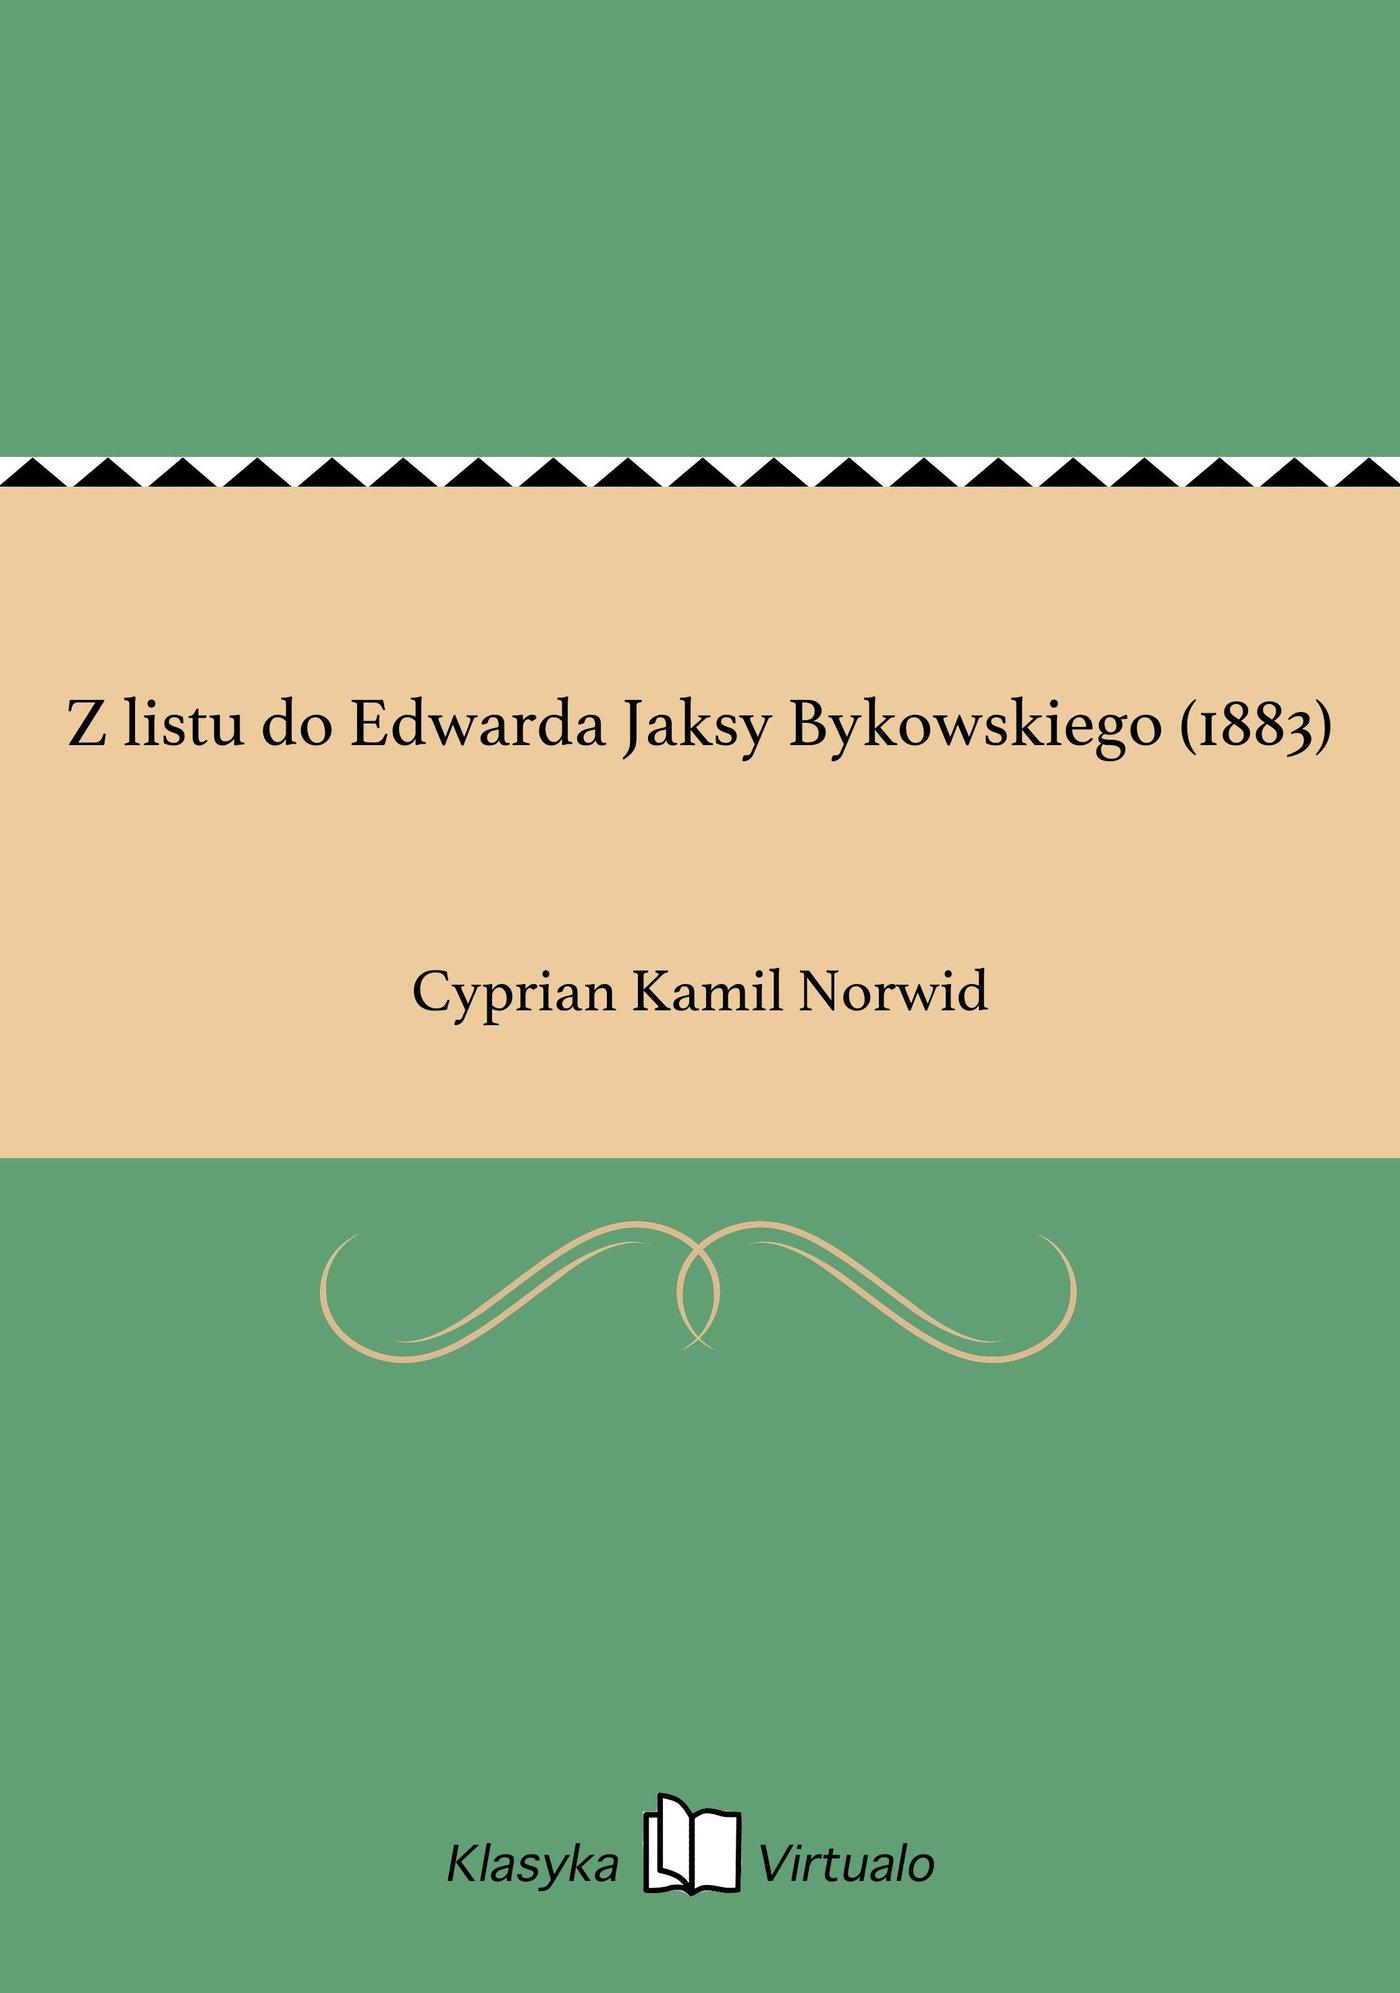 Z listu do Edwarda Jaksy Bykowskiego (1883) - Ebook (Książka na Kindle) do pobrania w formacie MOBI